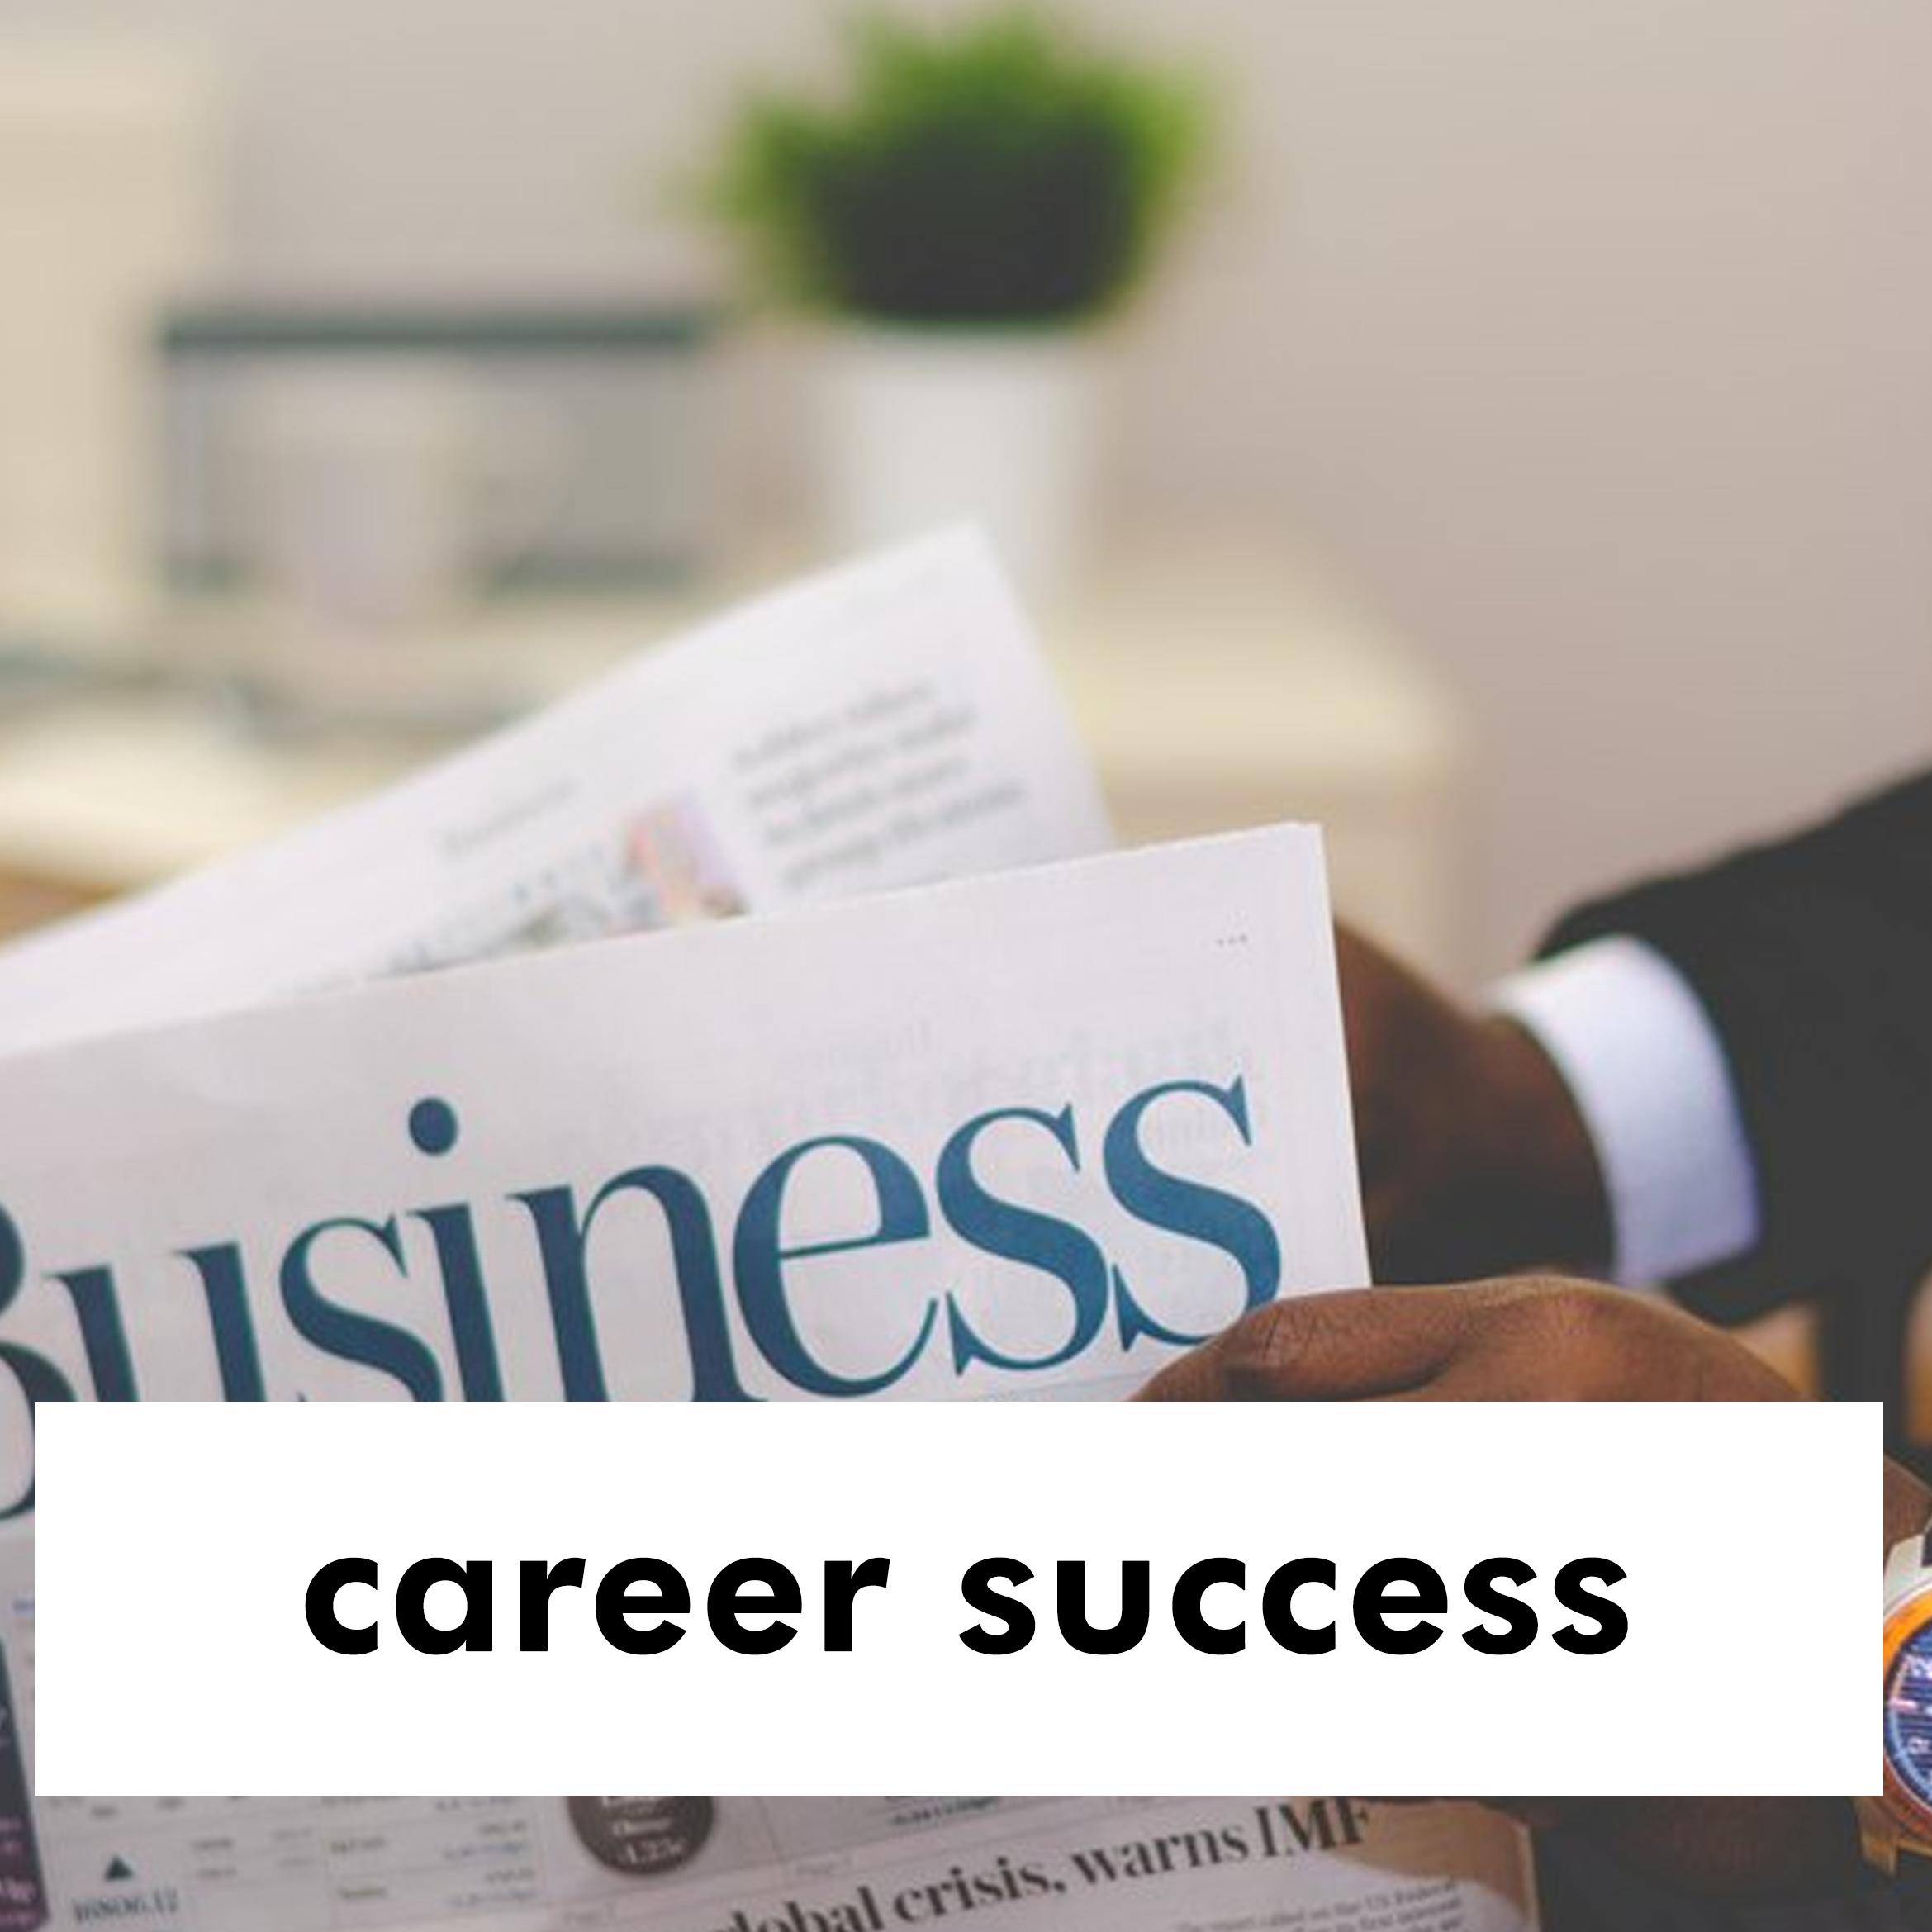 CareerSuccess